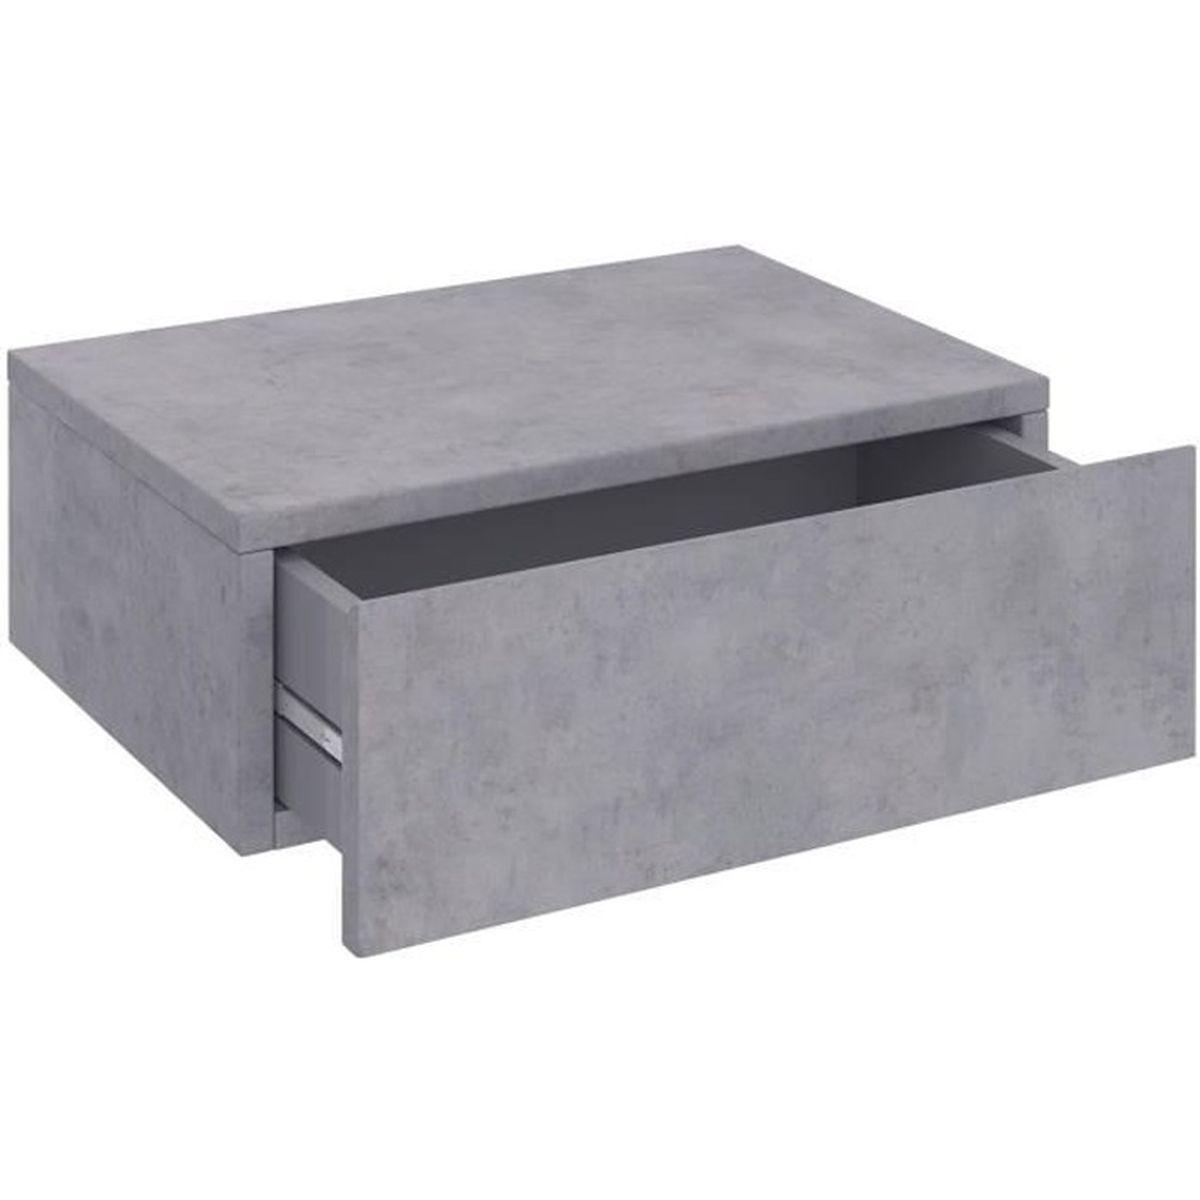 Fabriquer Lampe De Chevet Suspendu chevet beton